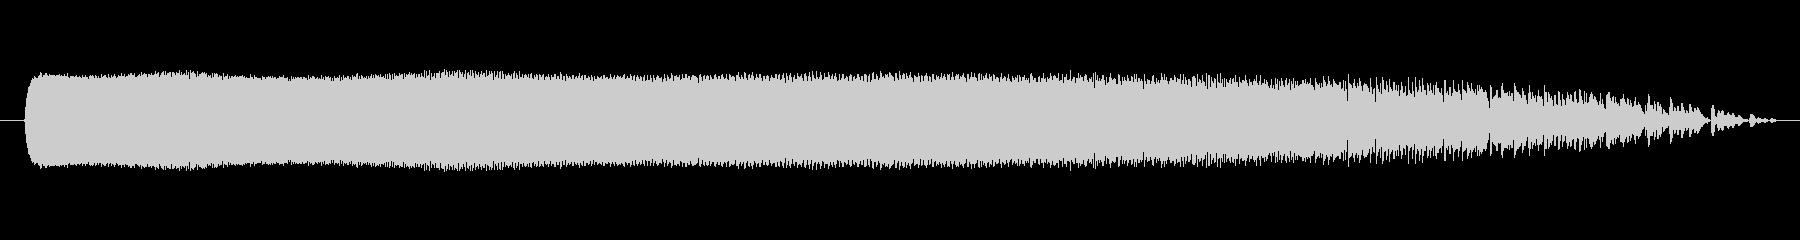 (シューン)機械のパワーダウン 01の未再生の波形